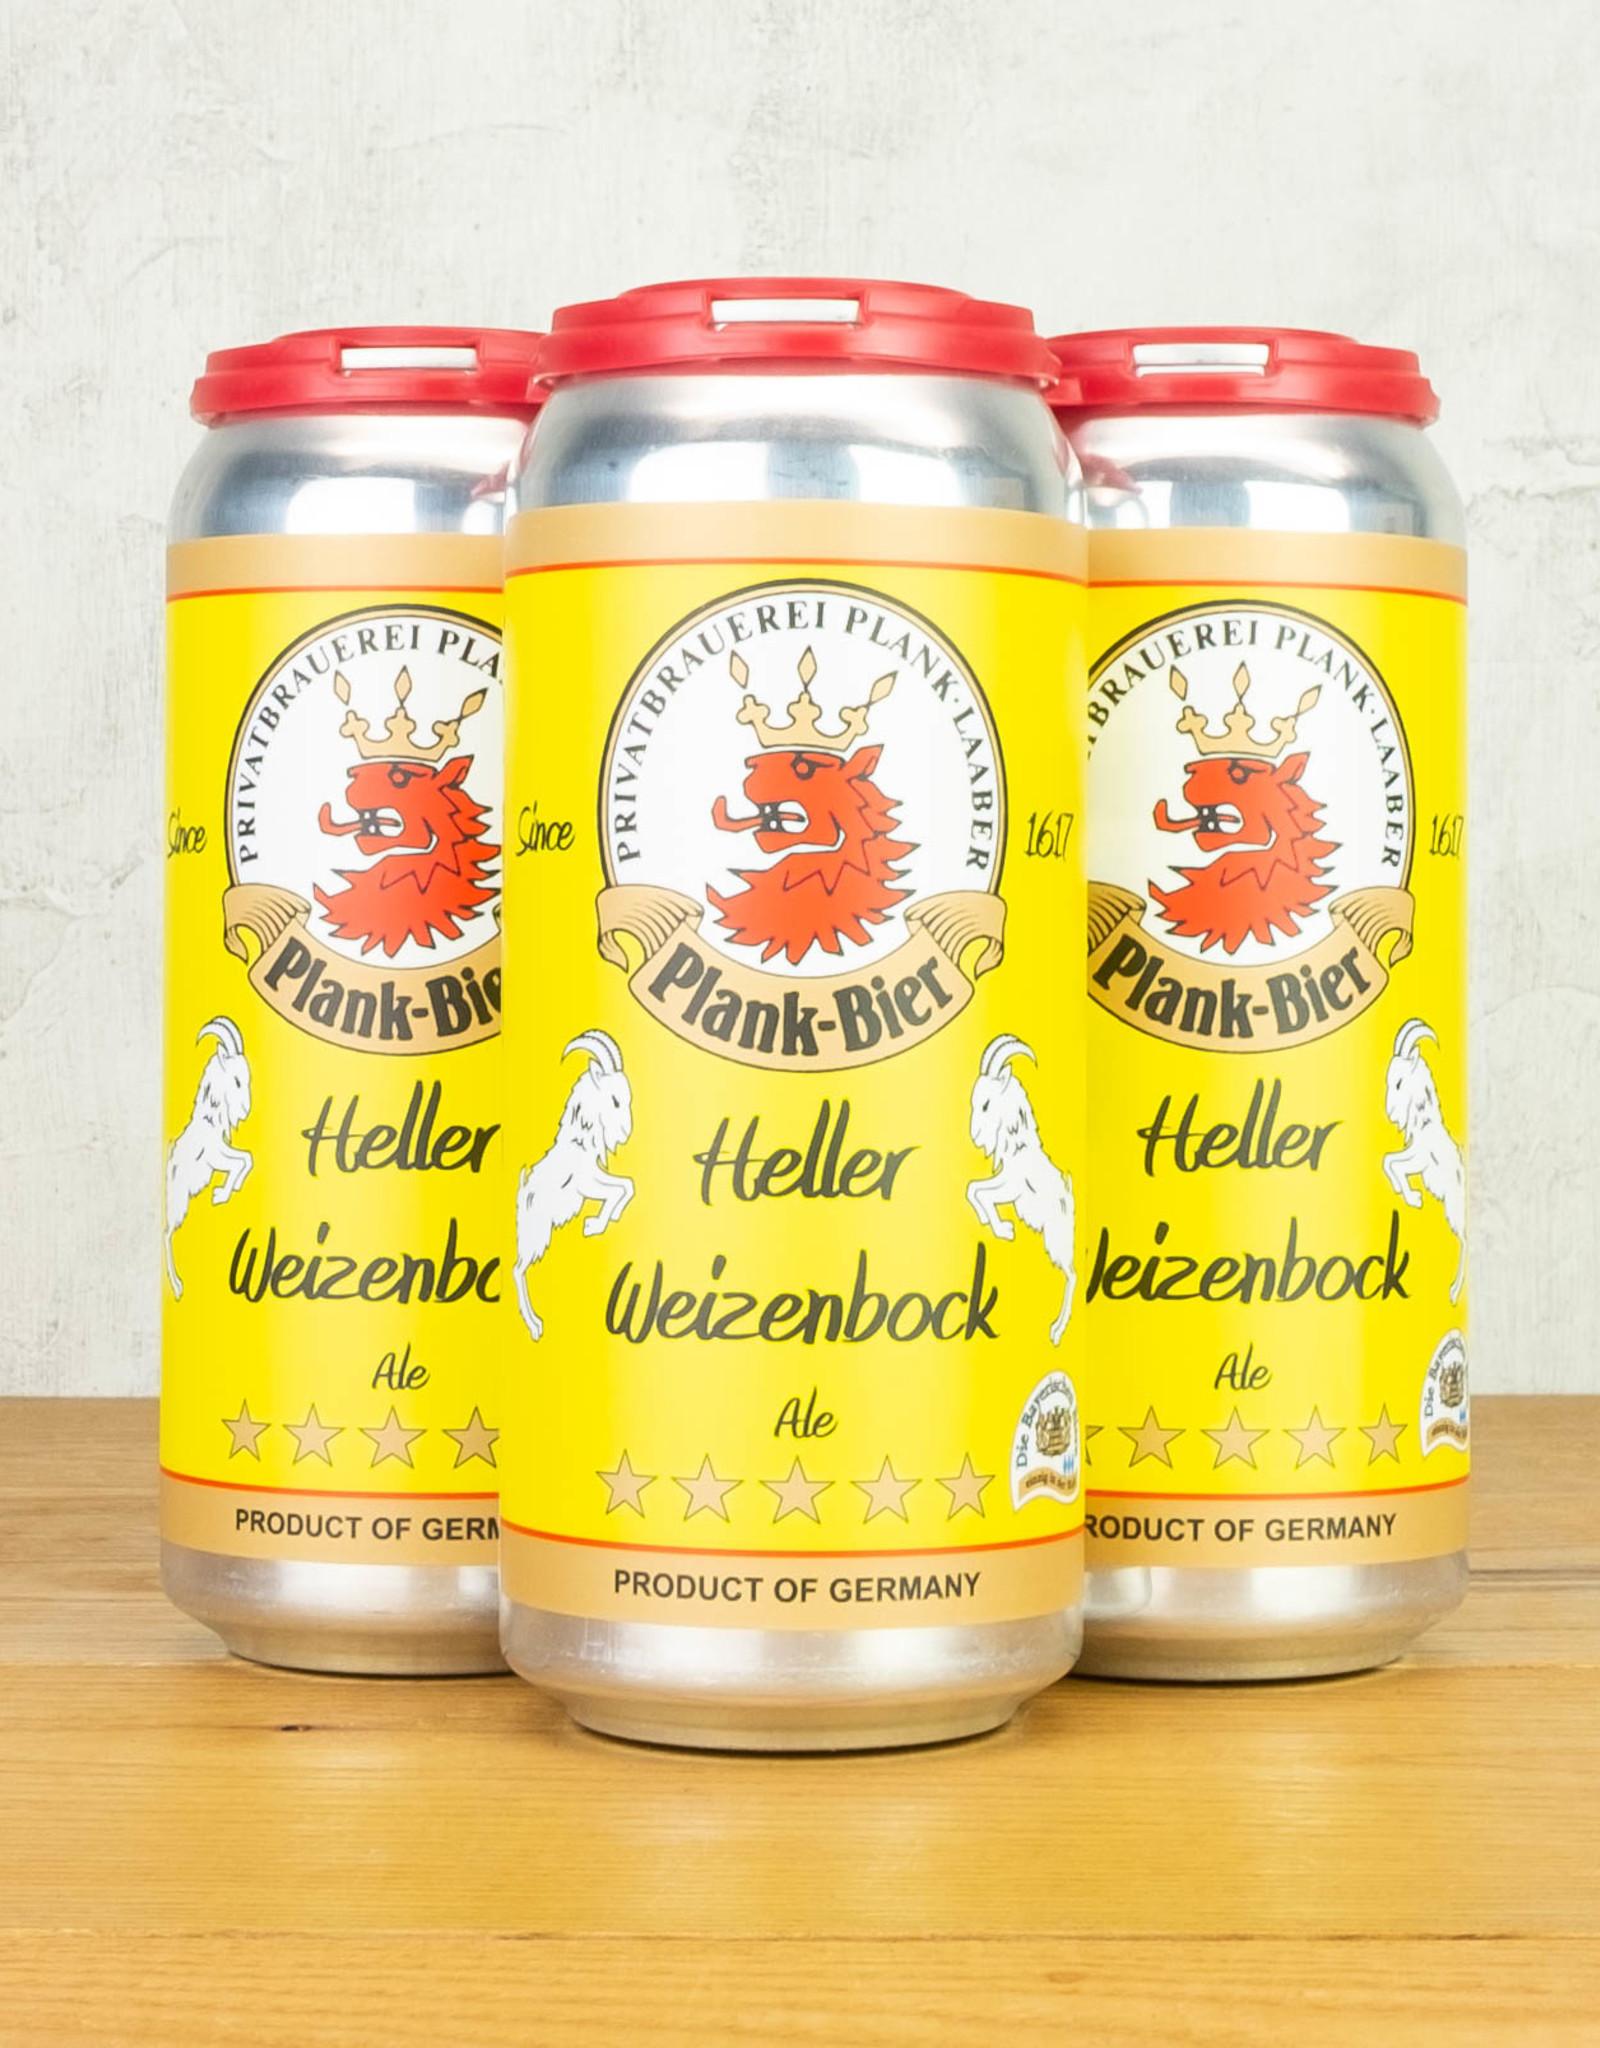 Plank-Bier Heller Weizenbock Ale 4pk